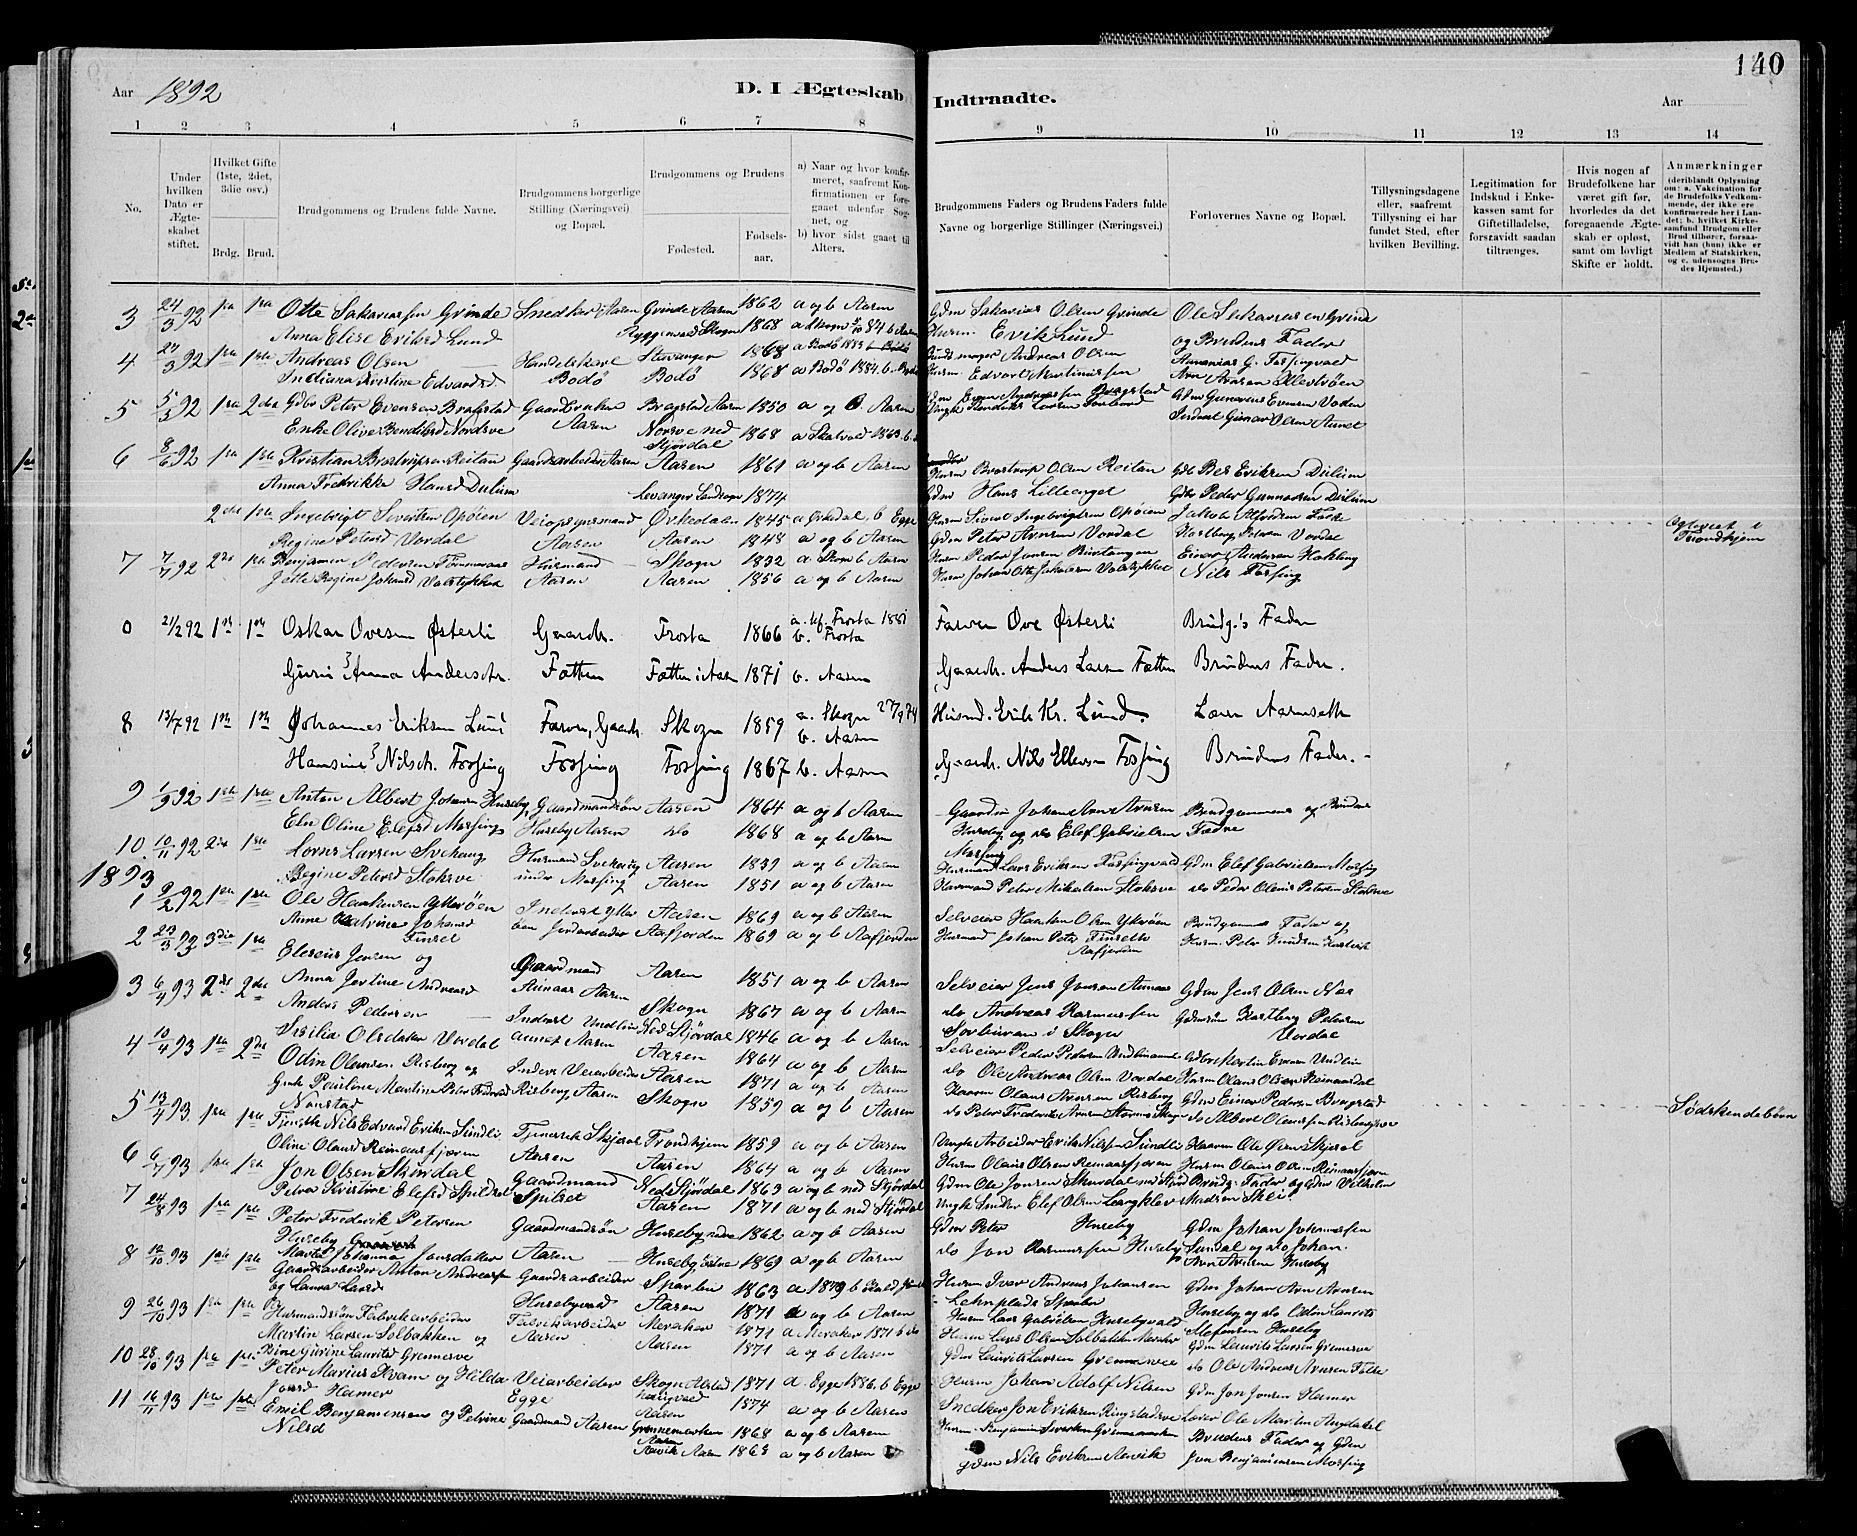 SAT, Ministerialprotokoller, klokkerbøker og fødselsregistre - Nord-Trøndelag, 714/L0134: Klokkerbok nr. 714C03, 1878-1898, s. 140